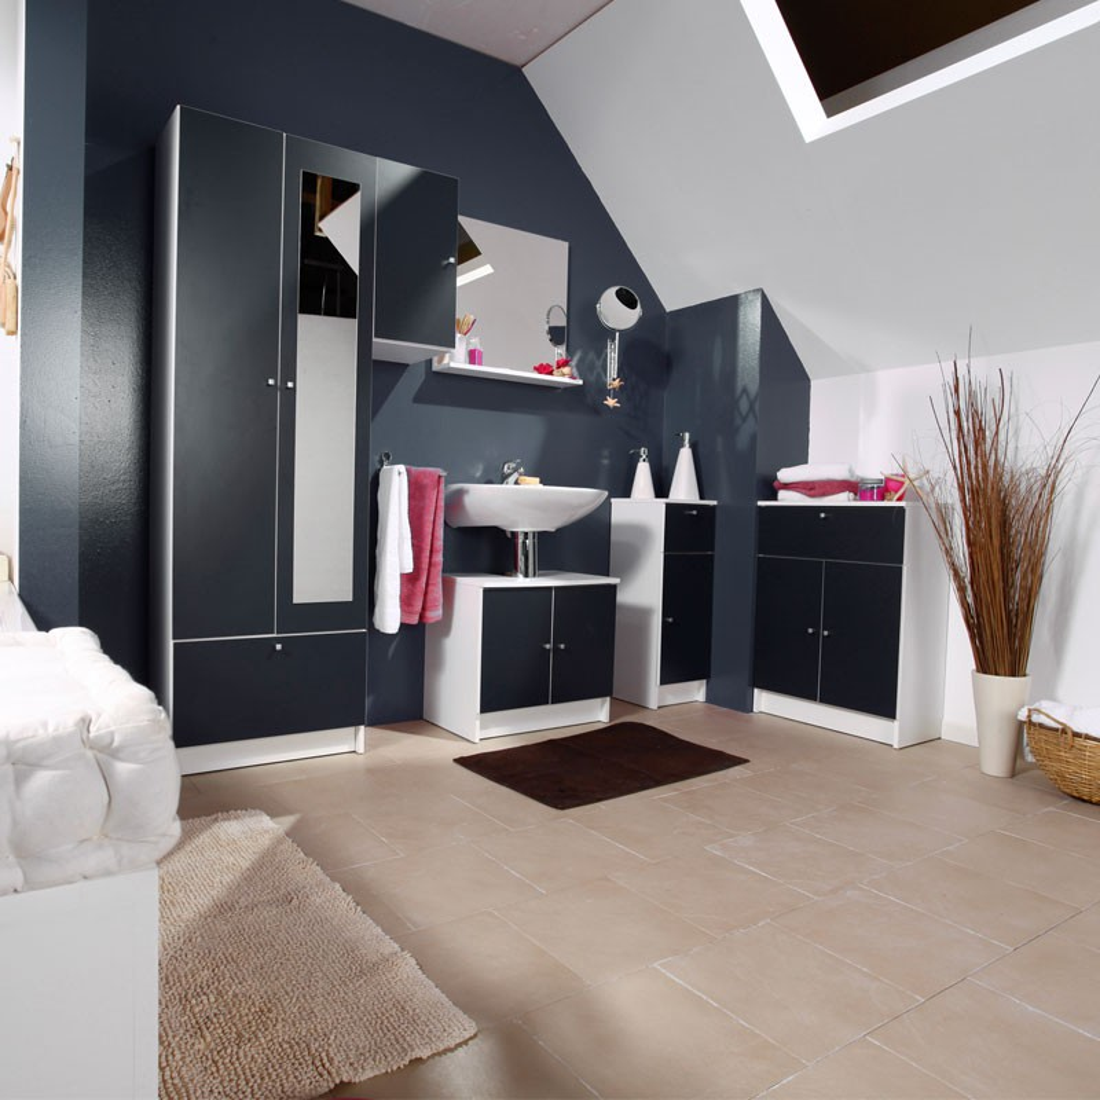 Ensemble complet meubles salle de bain blanc clic n 2 for Meuble salle de bain complet